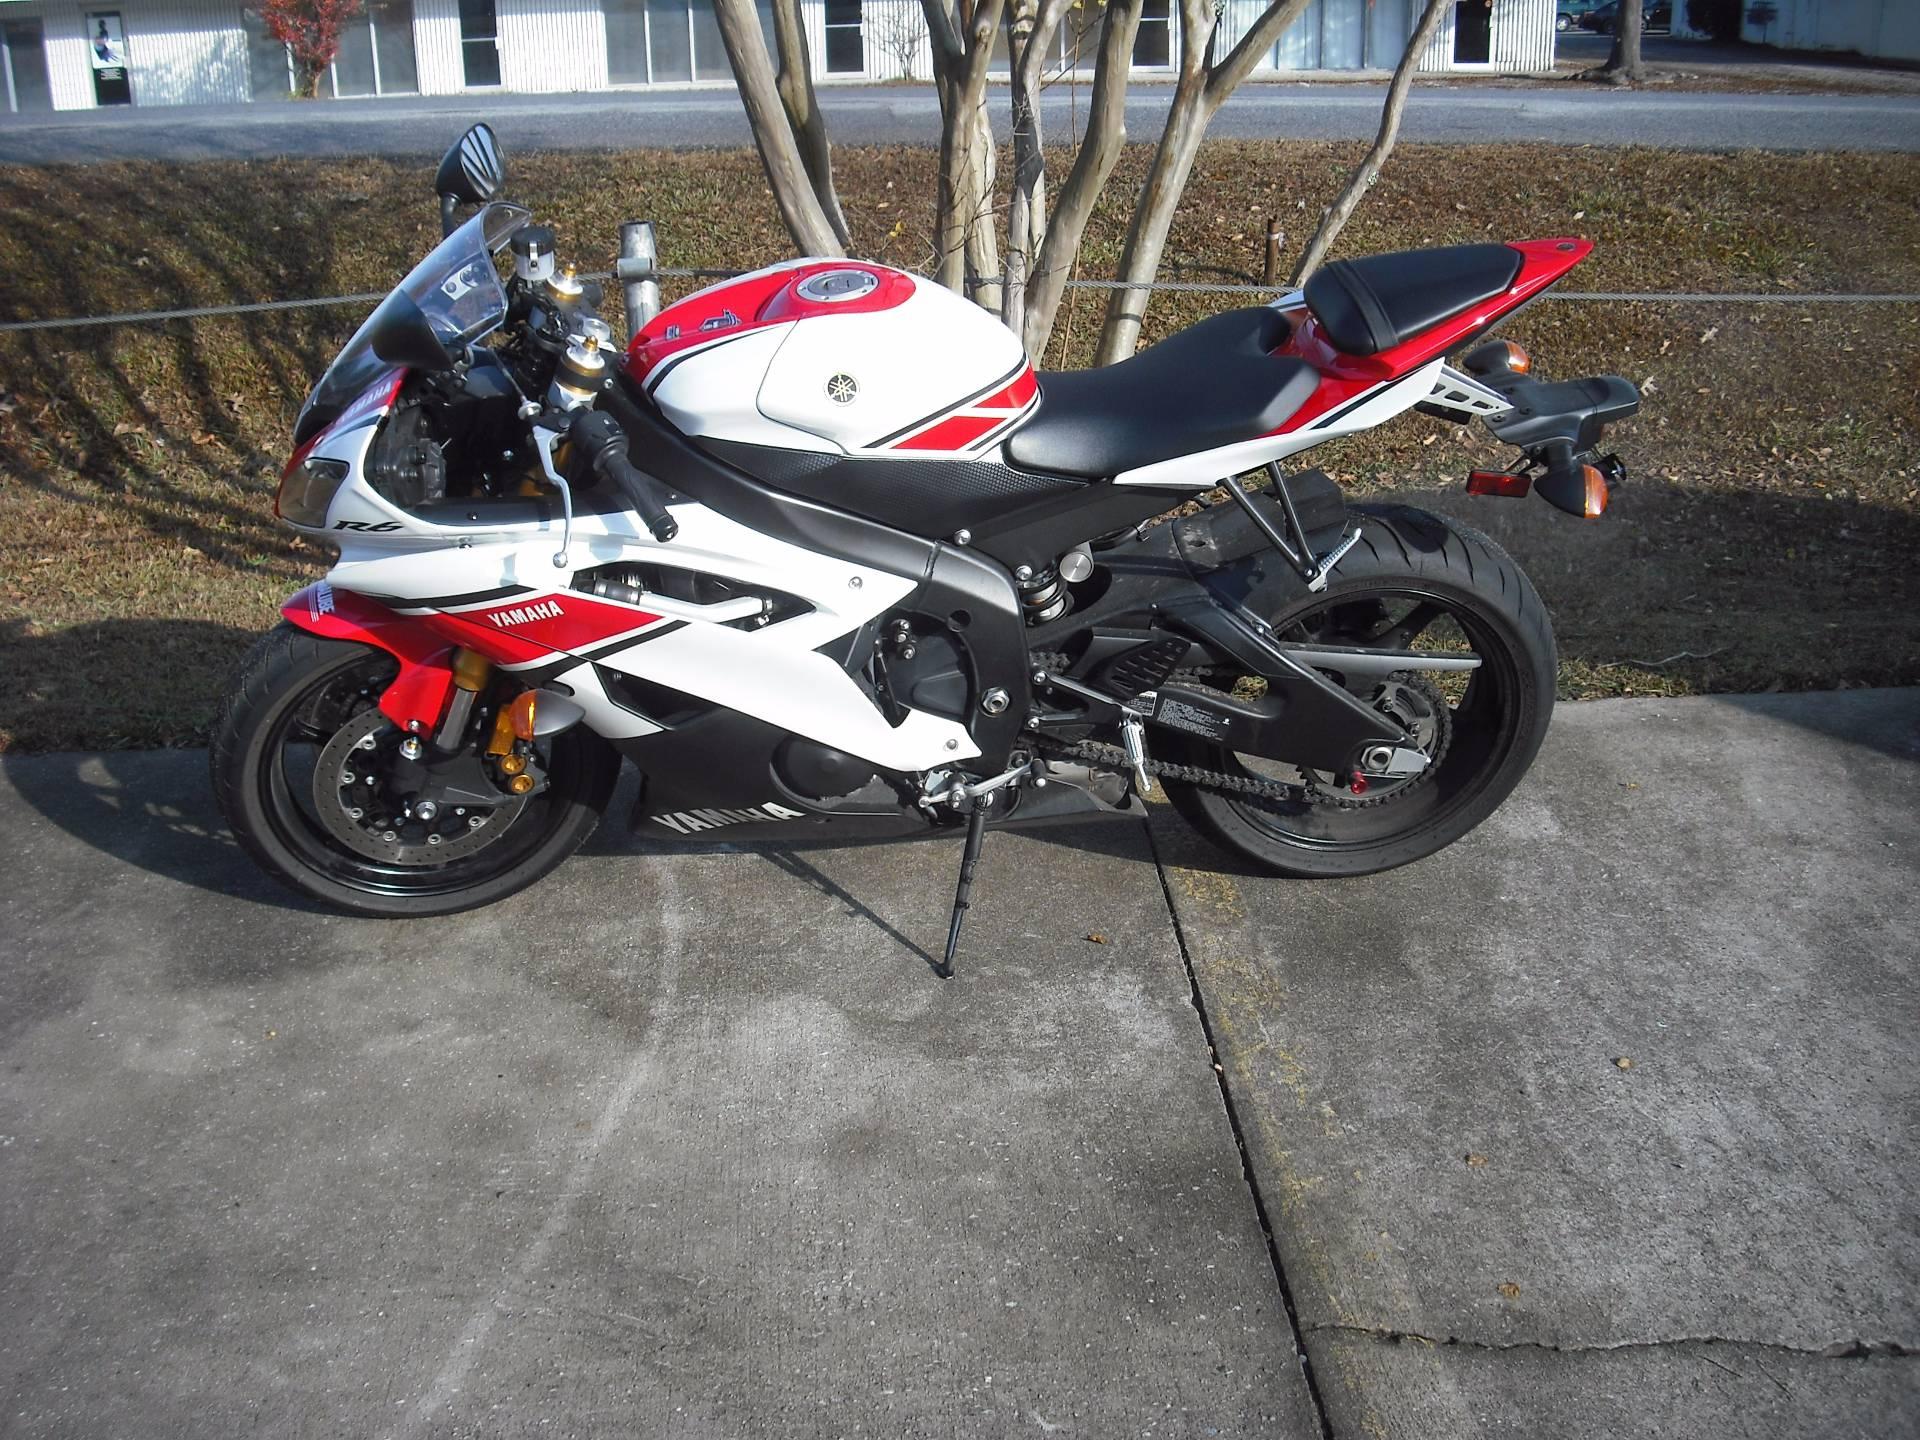 Yamaha Utvs For Sale Fayetteville Nc >> 2012 Yamaha YZFR6 For Sale Fayetteville, GA : 97858